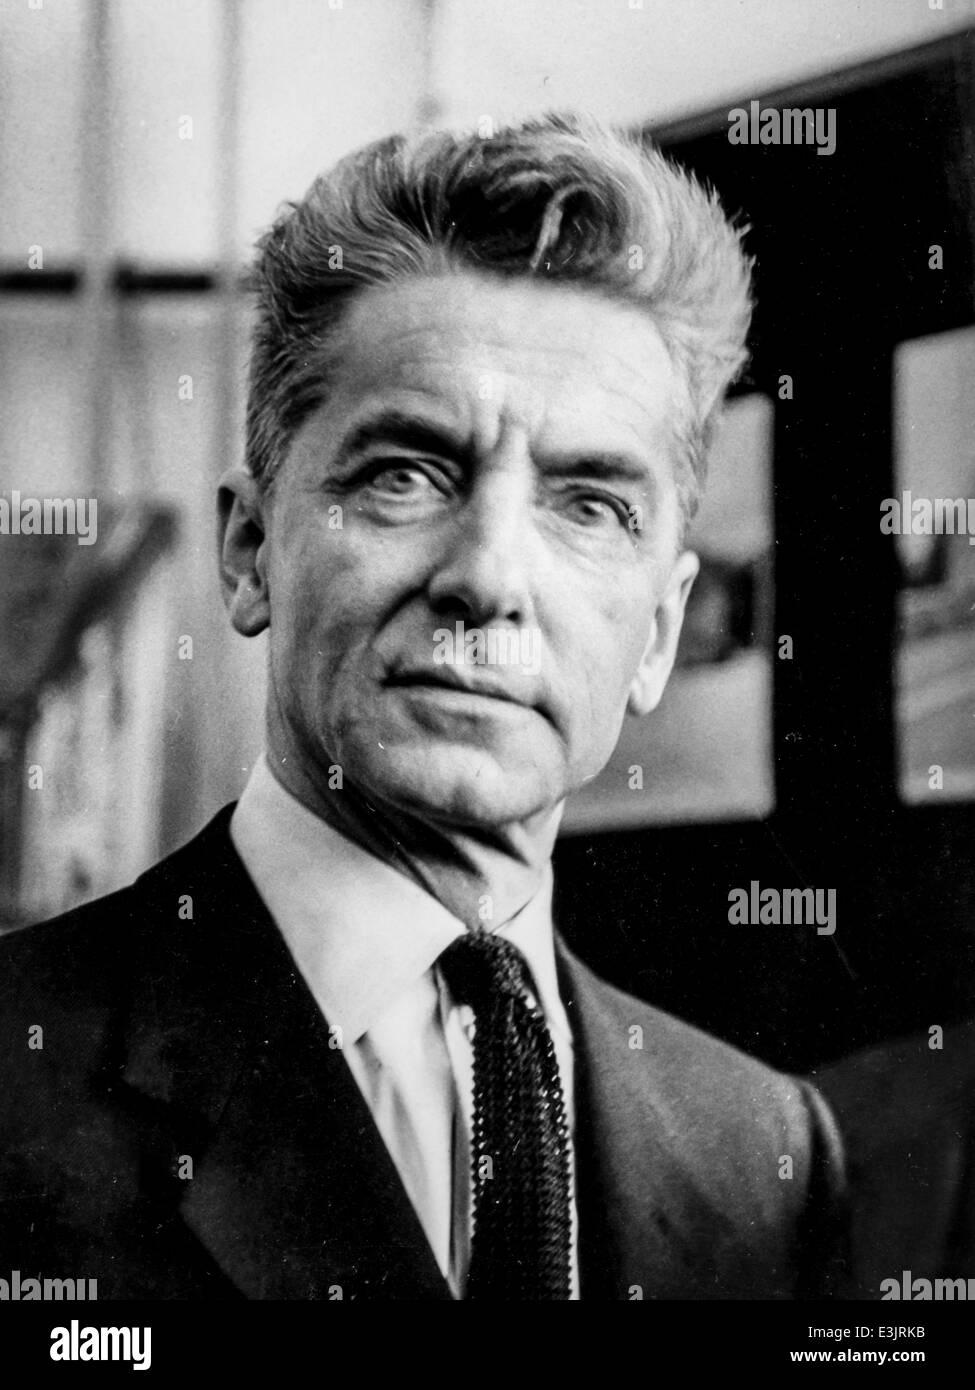 herbert von karajan,1962 - Stock Image